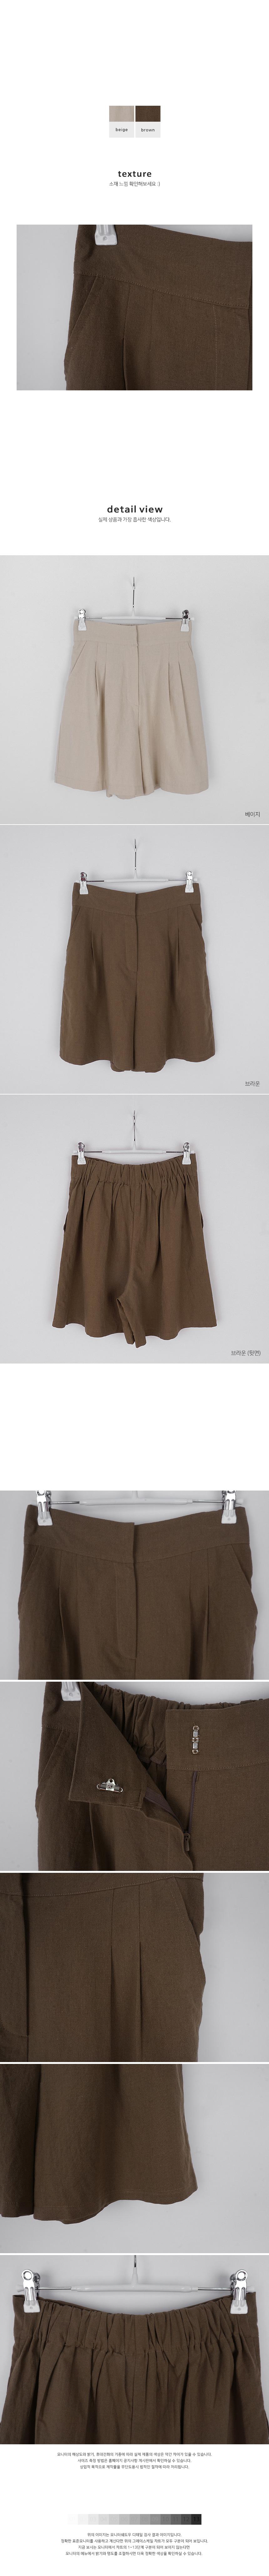 Maxi linen pants